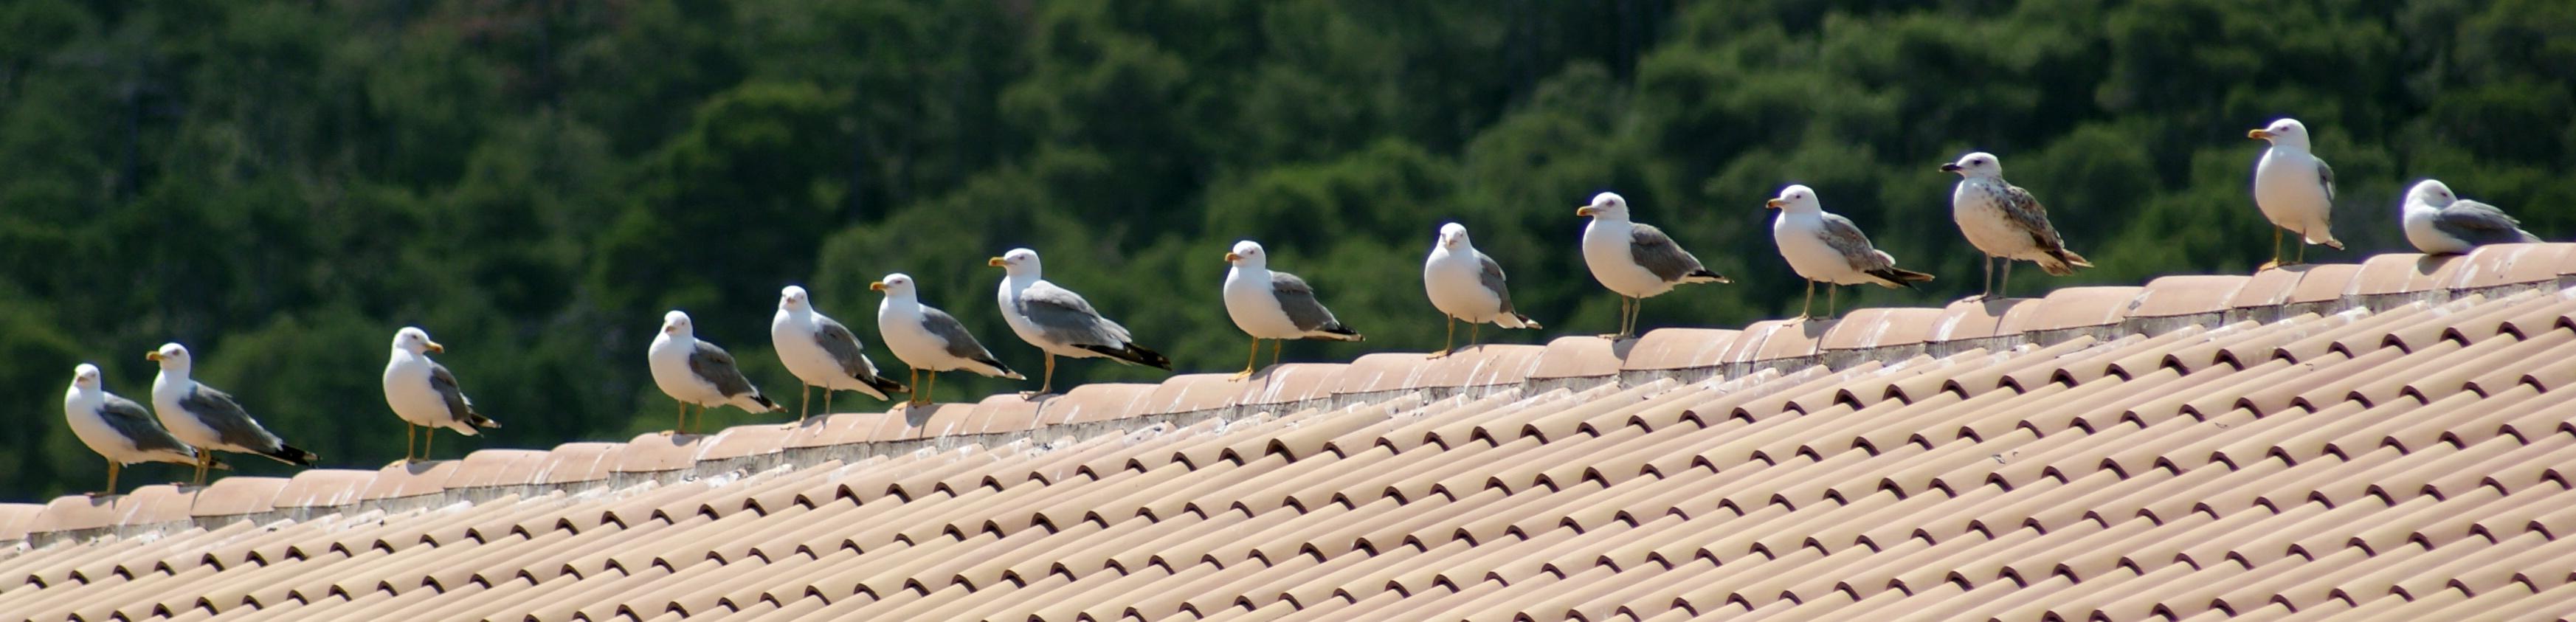 Rackové na střeše